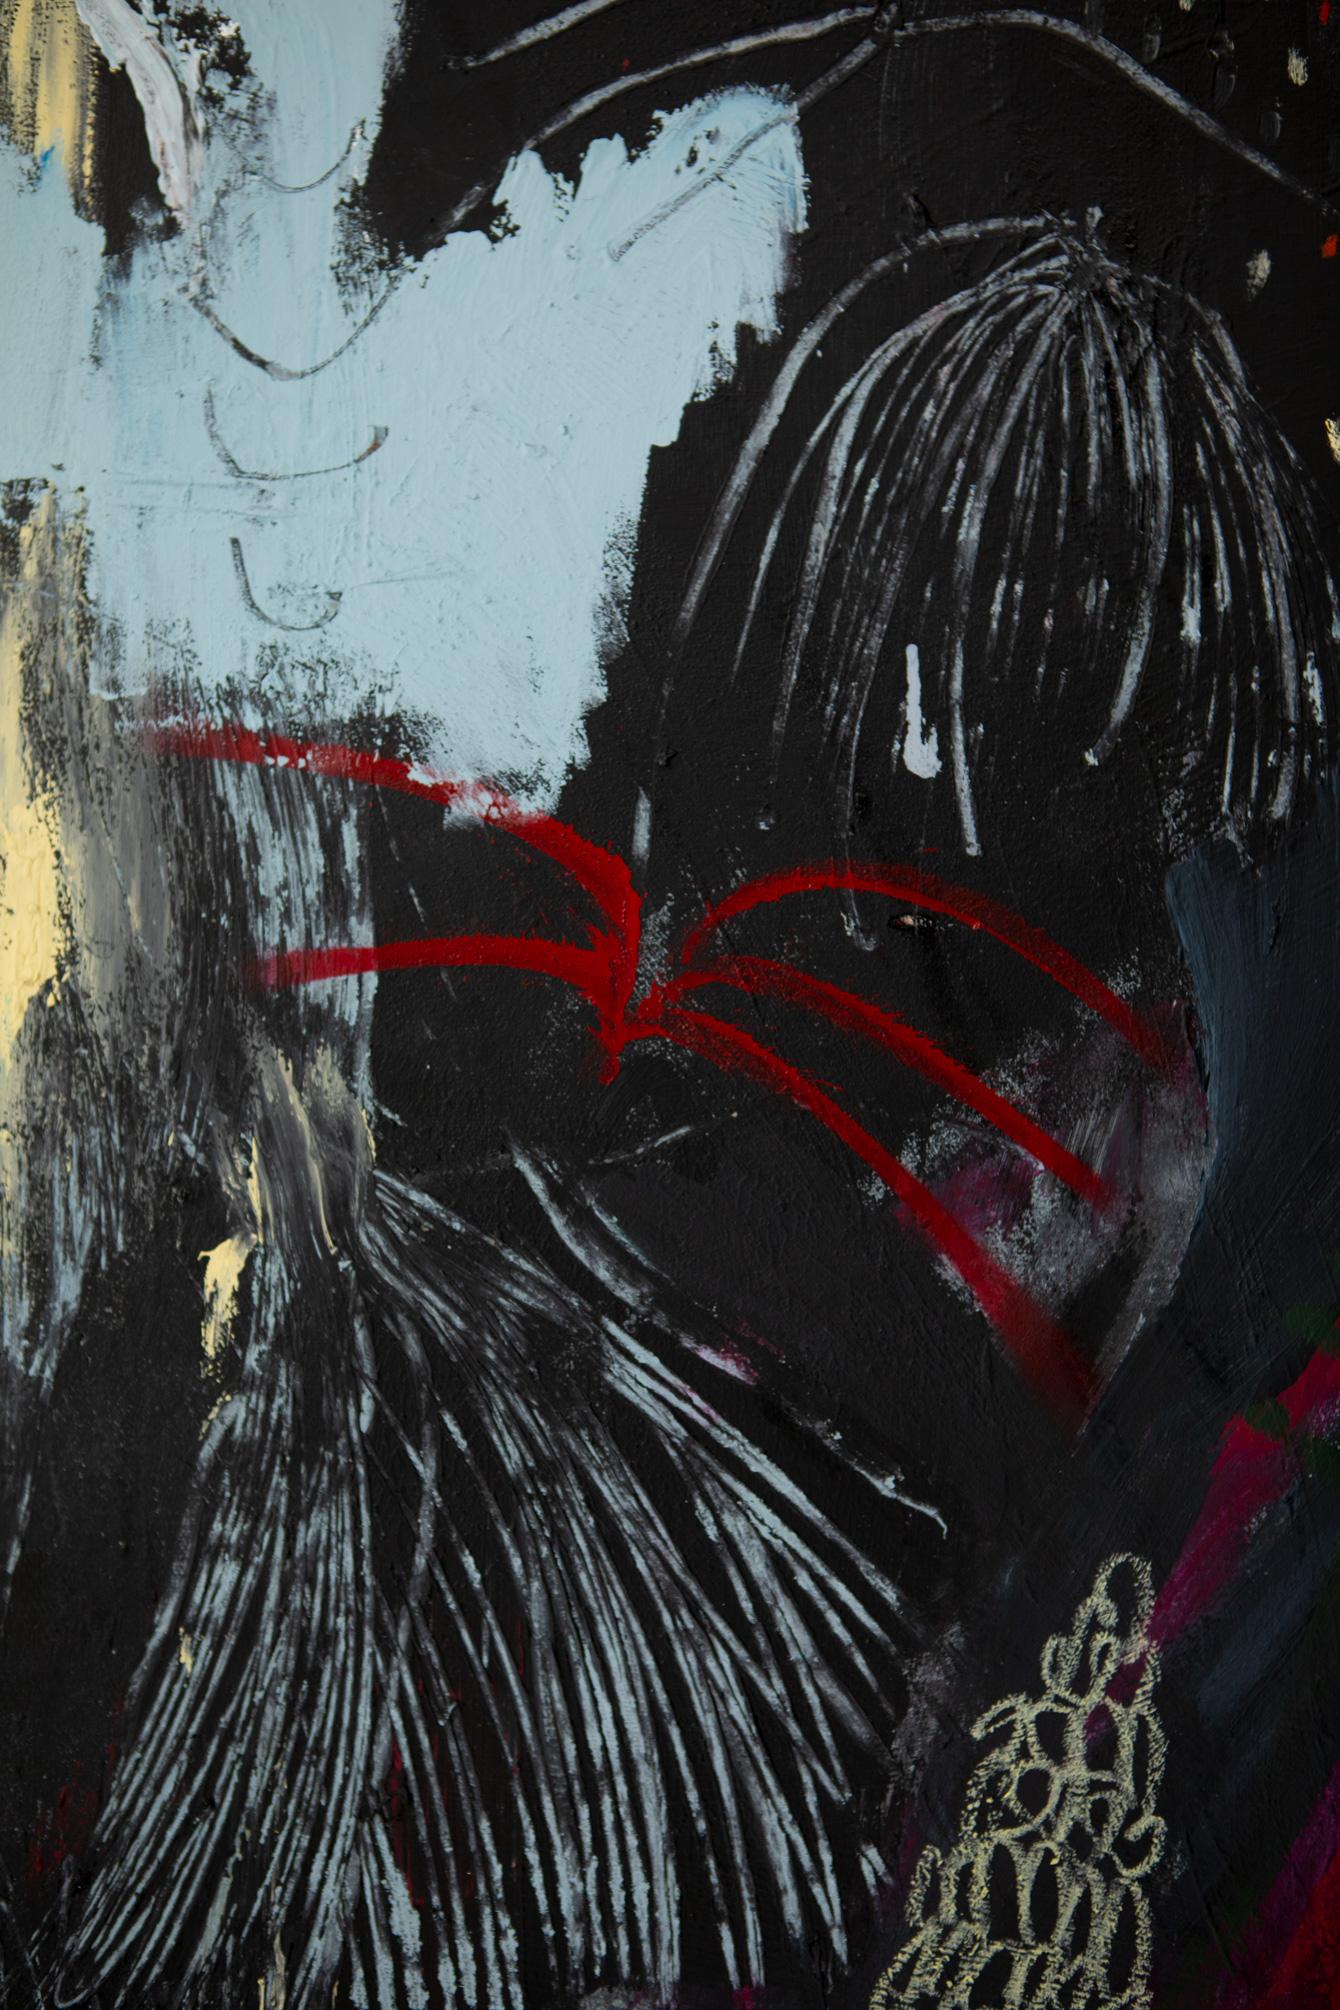 james-watkins-david-curtis-ring-painting-2